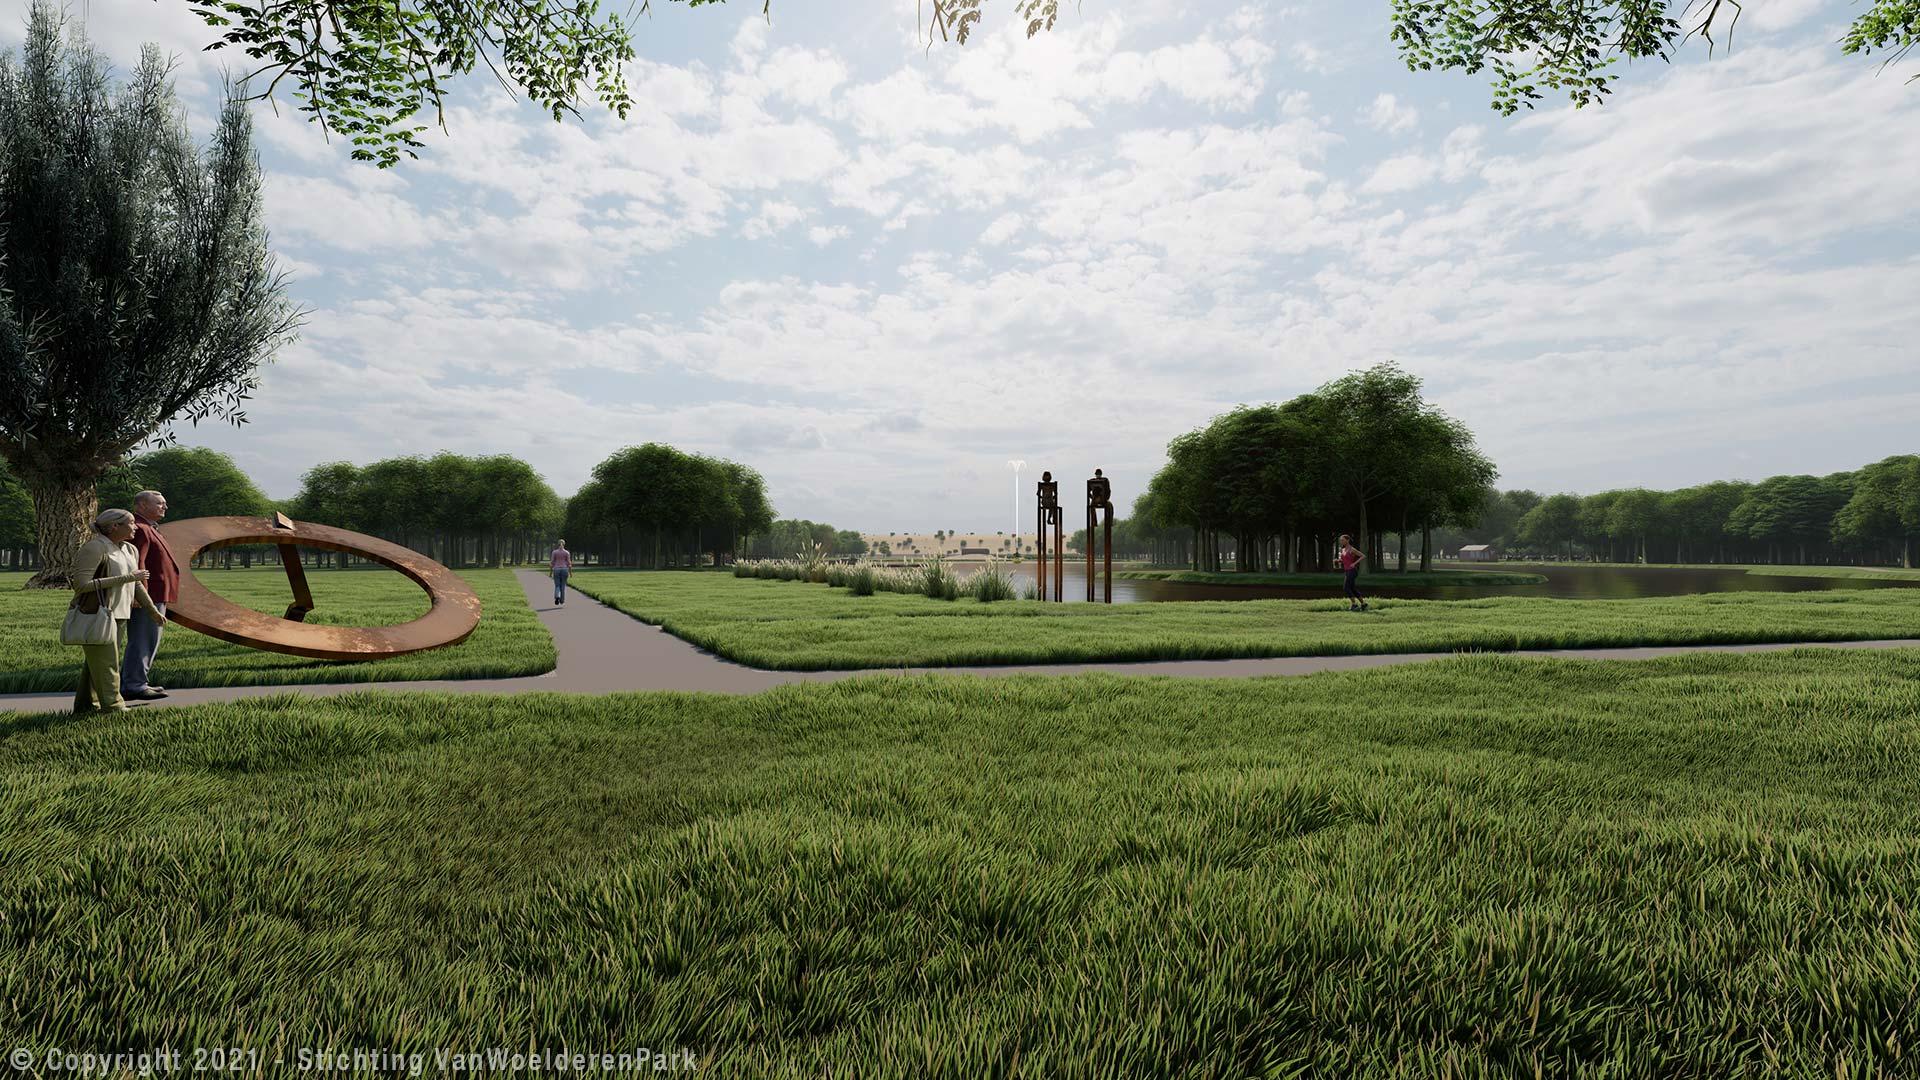 streefbeeld-stichting-van-woelderen-park-2021-kunstroute-na